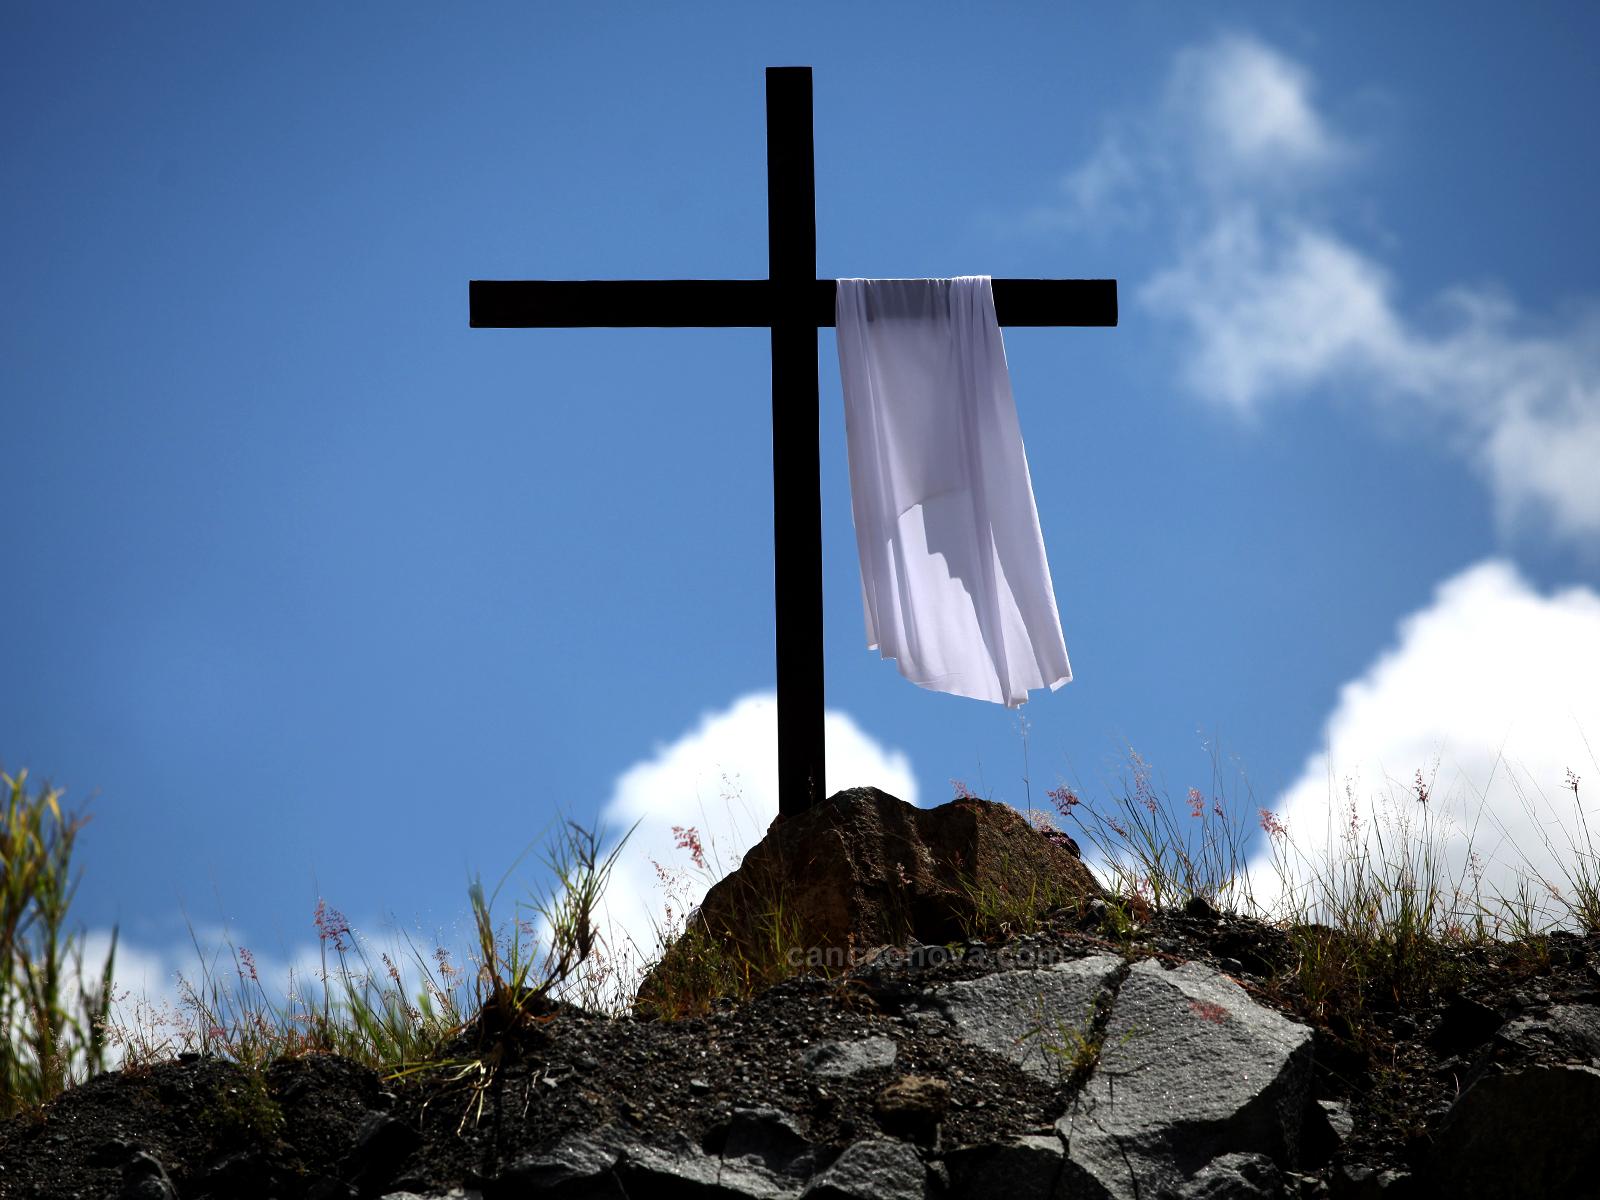 Frases De Vitória Na Vida: Semana Santa: A Semana Da Vitória Da Vida Sobre A Morte